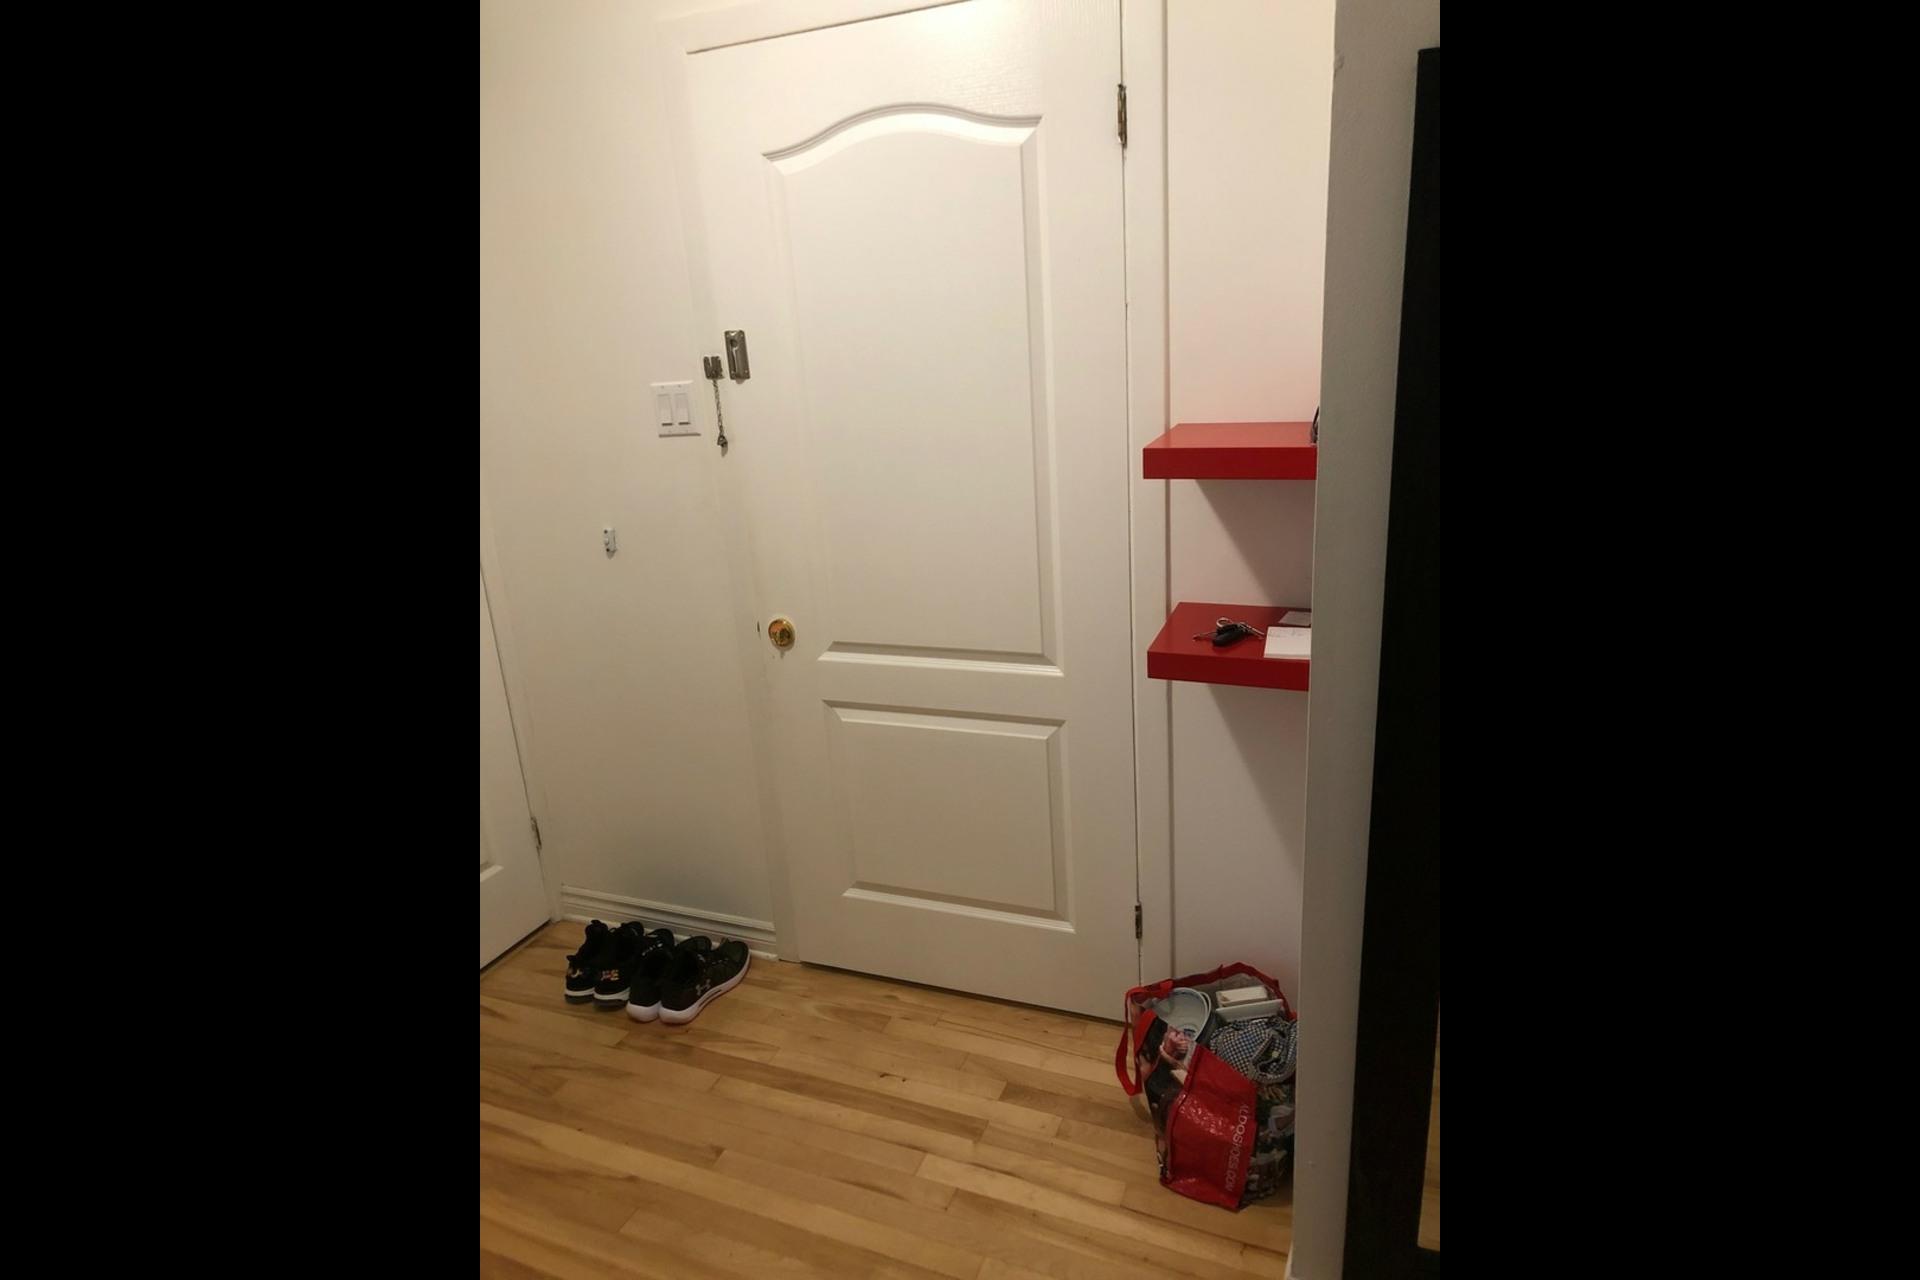 image 9 - Appartement À louer Montréal Montréal-Nord - 4 pièces